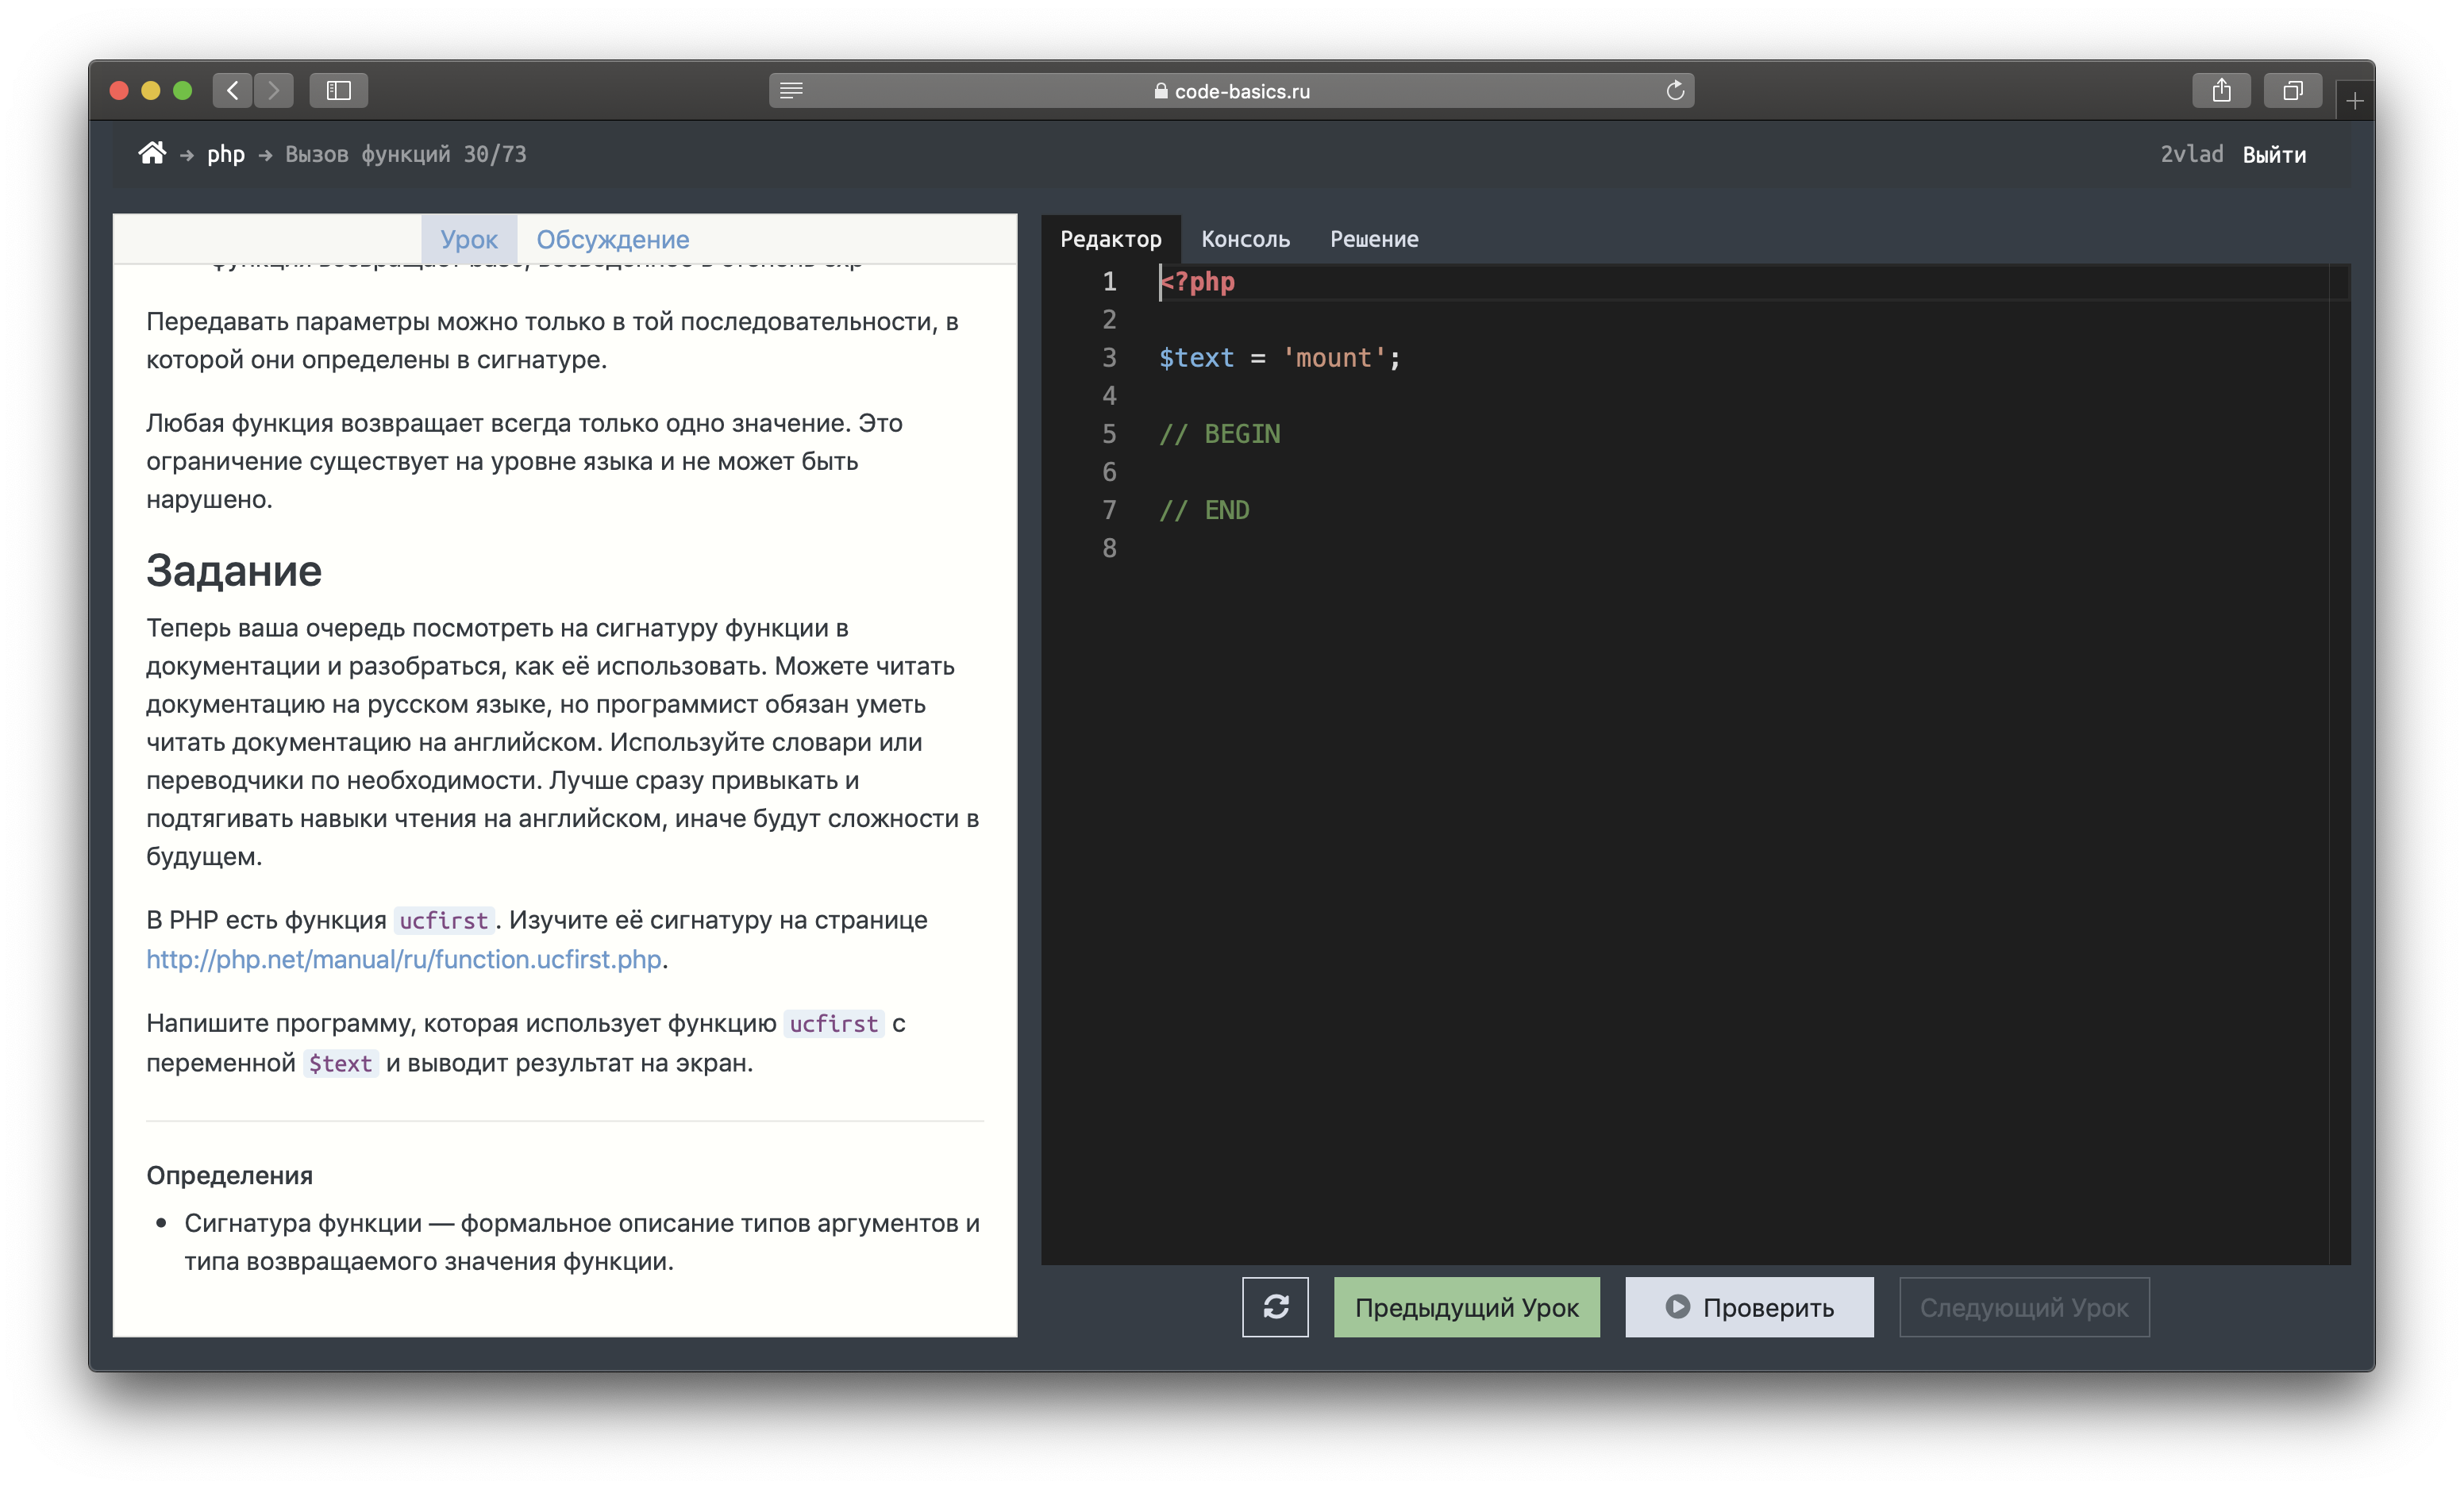 Пять бесплатных автоматизированных платформ для изучения и прокачки в программировании